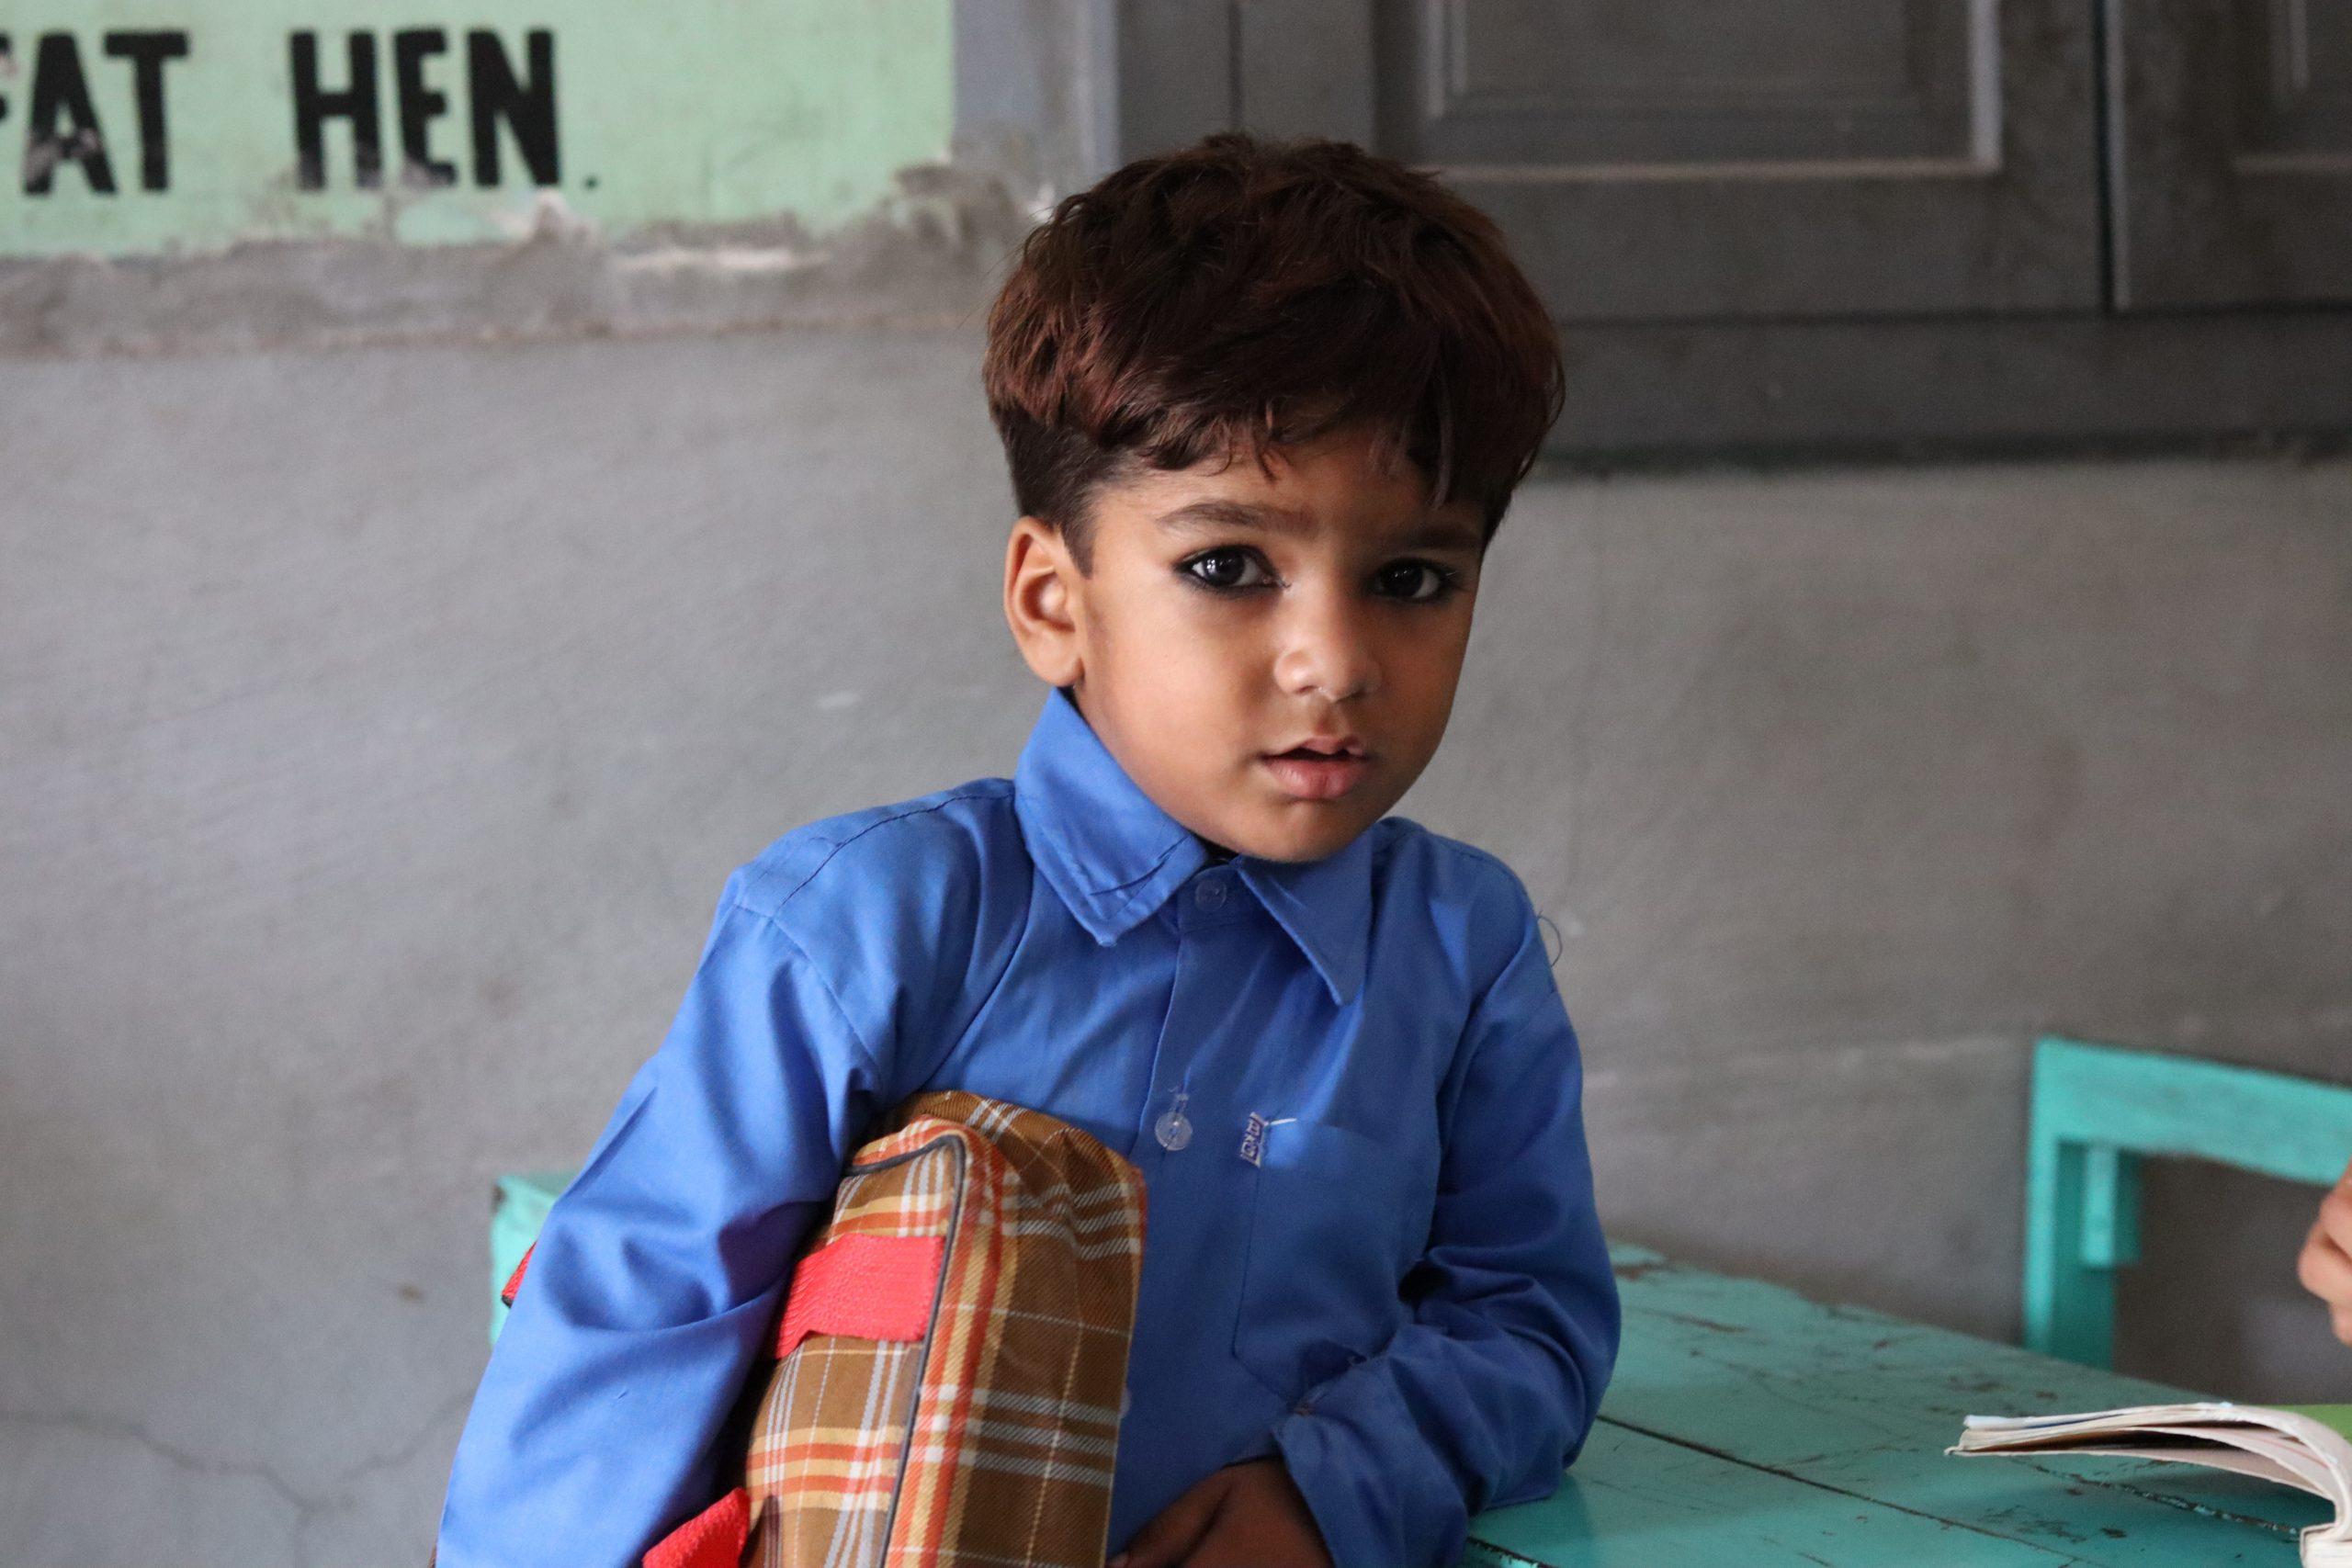 گورنمنٹ  ایم سی پرائمری  سکول رحیم آباد (ملتان) میں جماعت  نرسری کا ننھا طالب علم اپنی جگہ کی تلاش میں